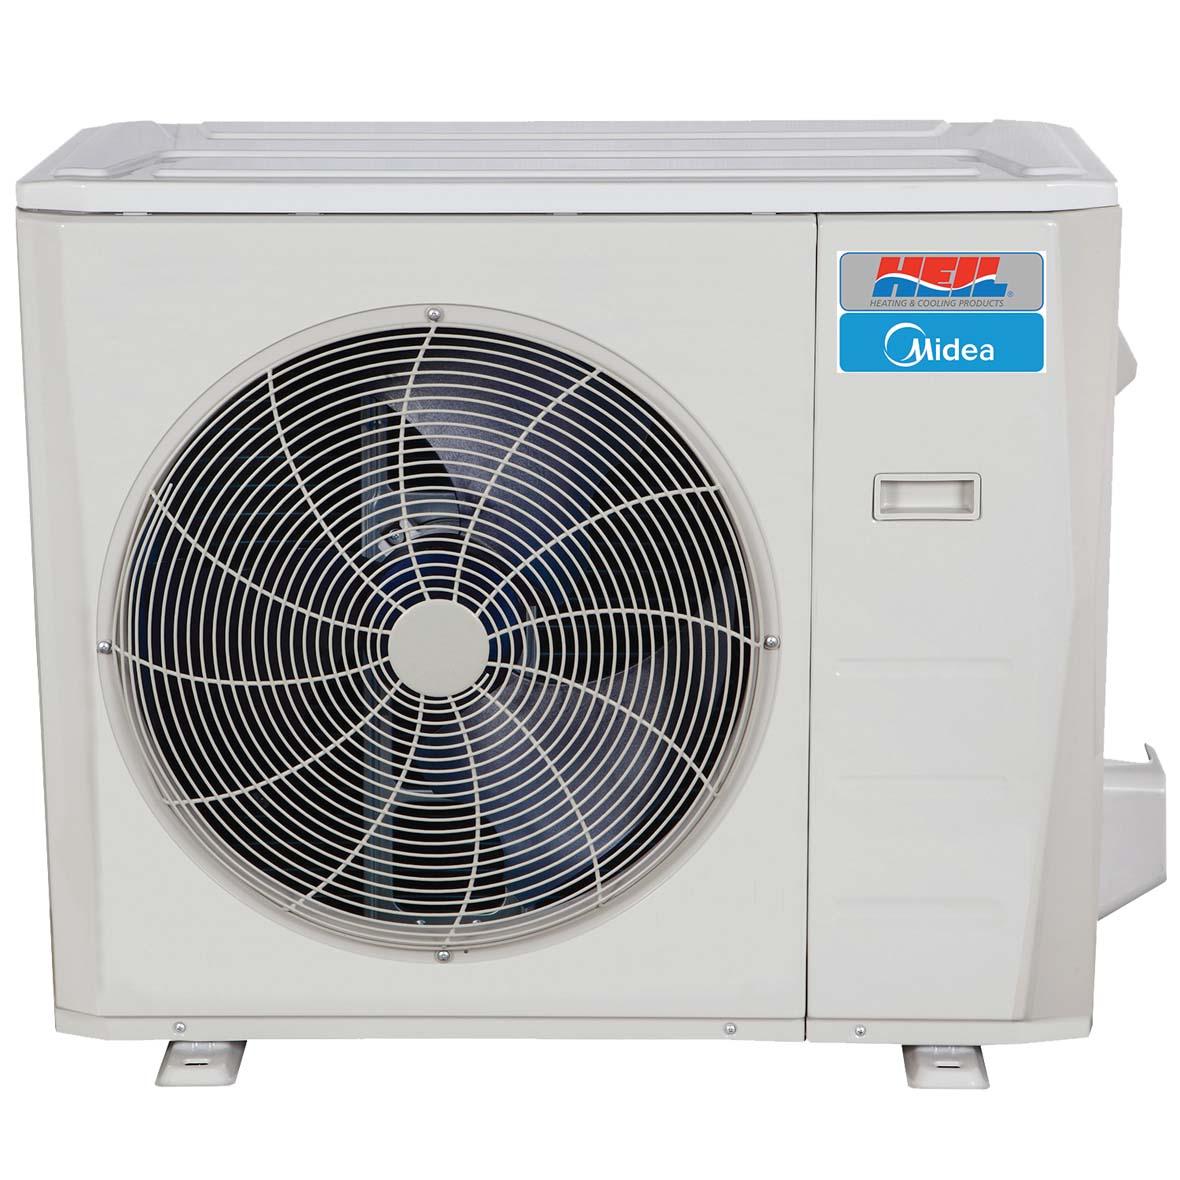 QuietComfort® Heat Pump- Up to 24.7 SEER